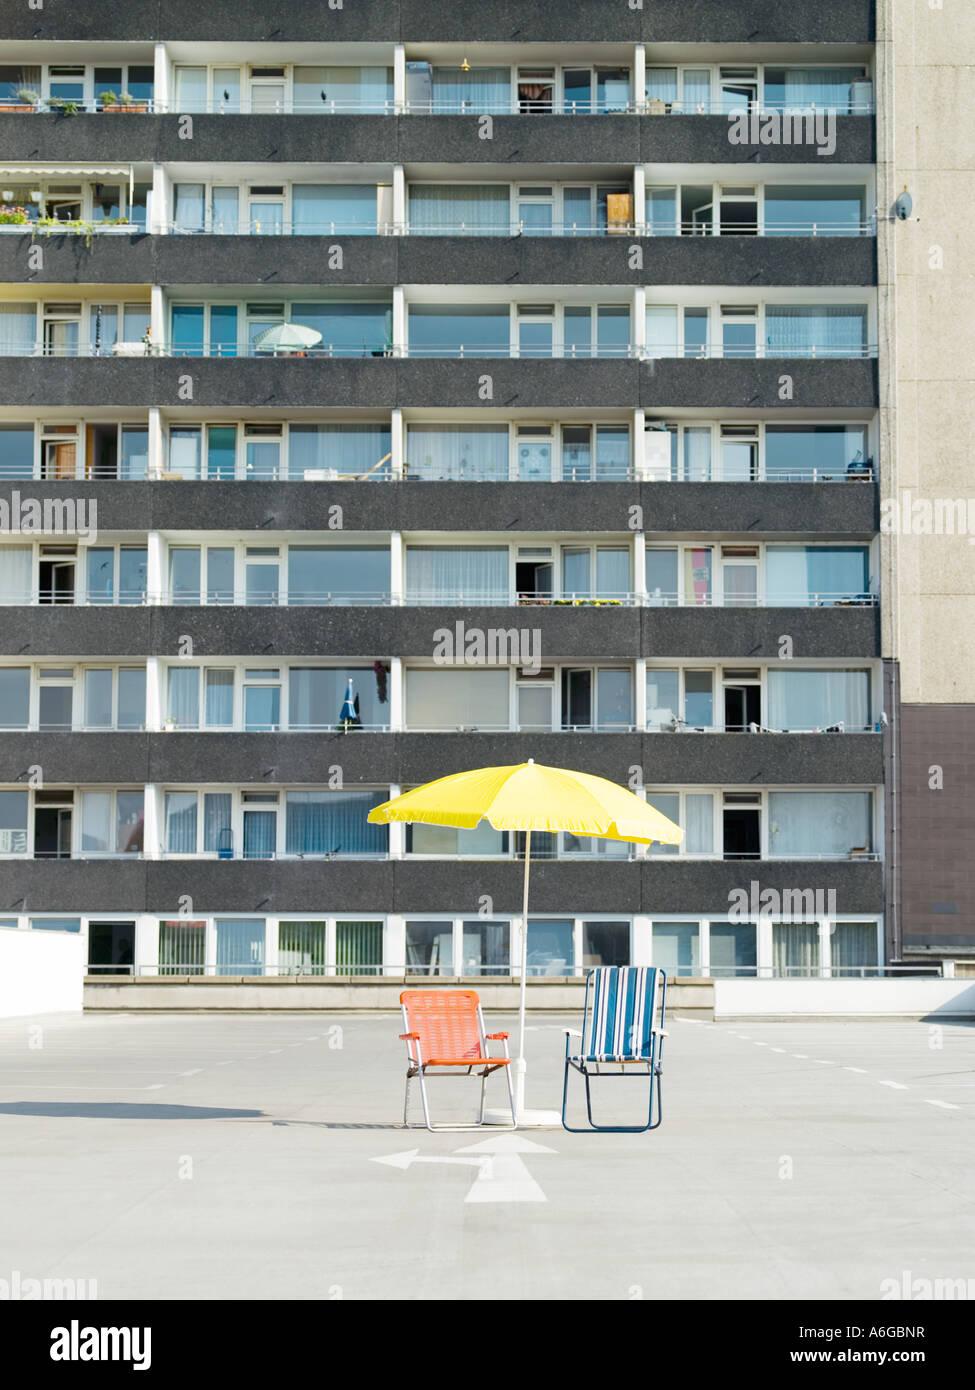 Liegestühle und Sonnenschirm außerhalb Mehrfamilienhaus Stockbild